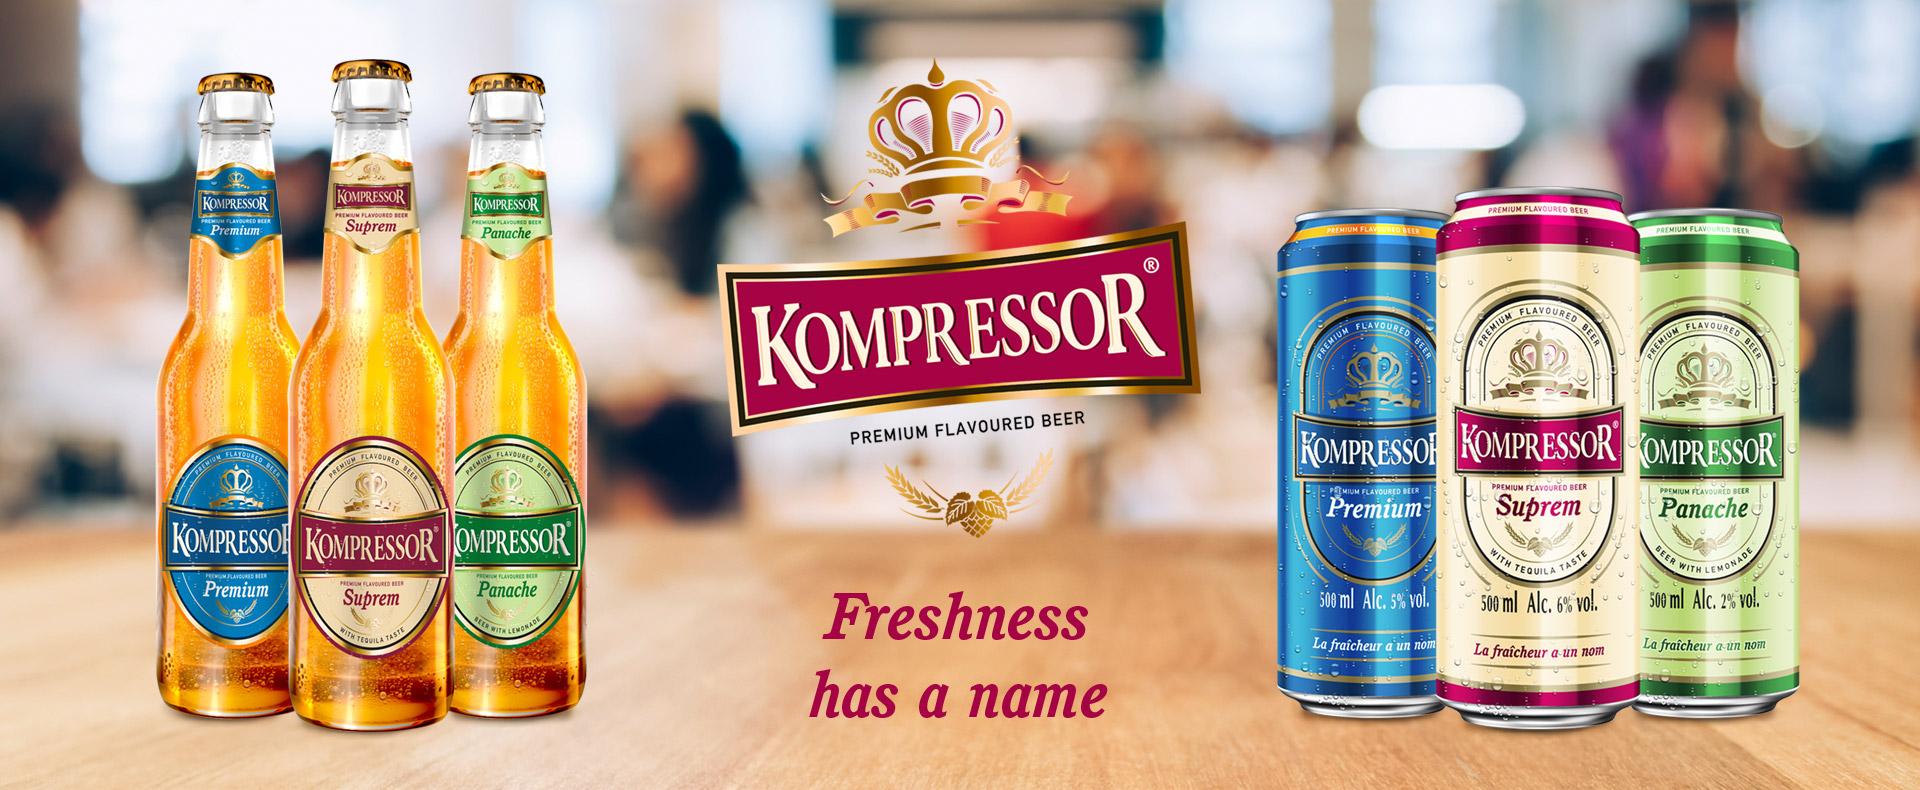 KOMPRESSOR Beers